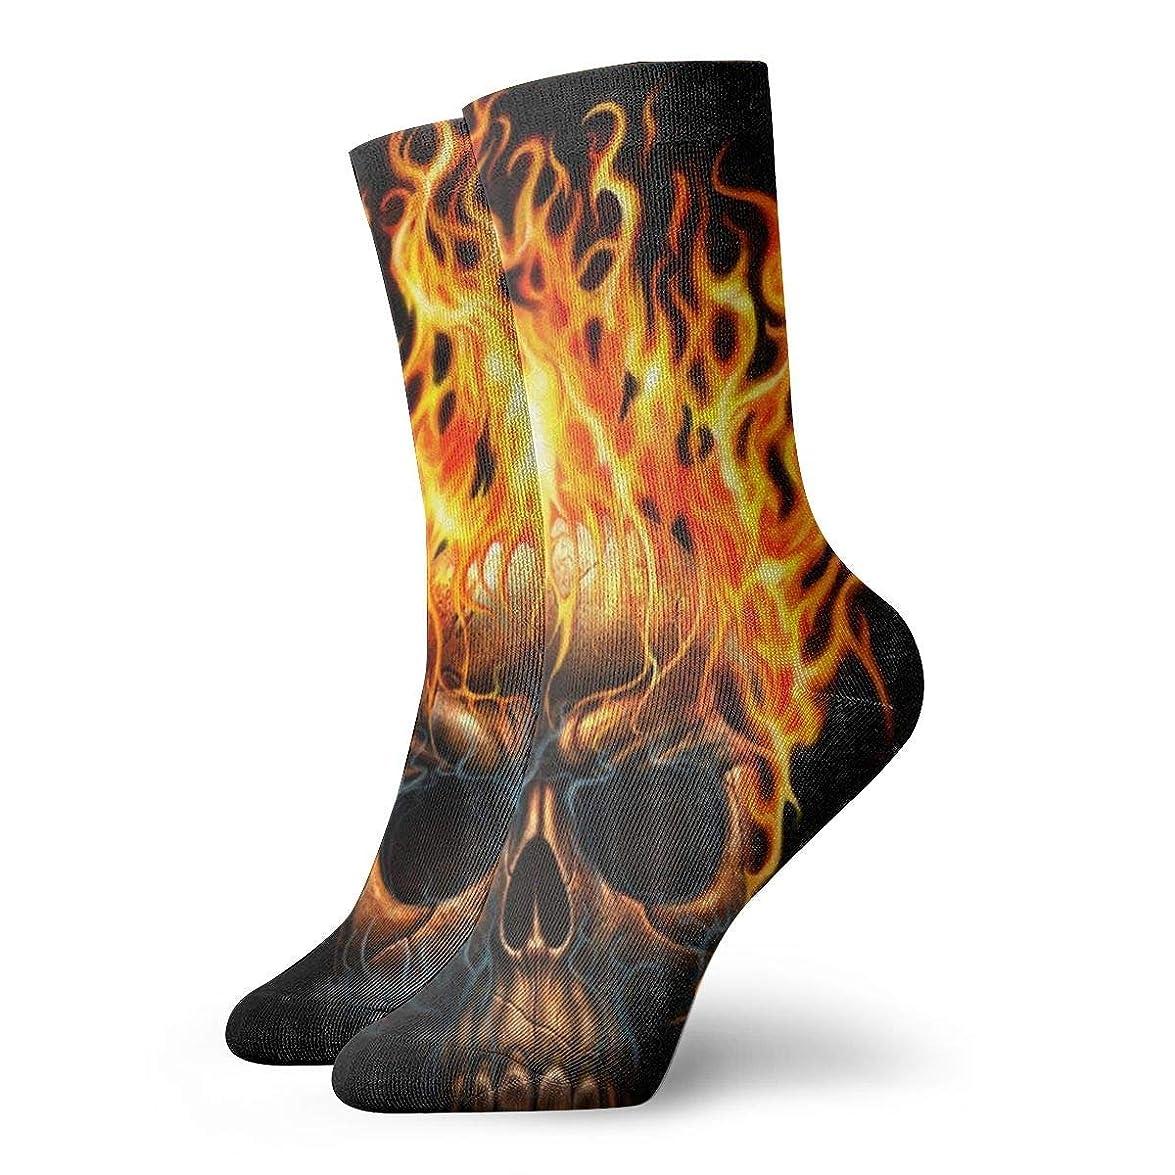 恋人自伝大宇宙Qrriy女性のスカル火炎火災ソフトクリスマス膝高ストッキング靴下、クリスマス楽しいカラフルな靴下ソックス